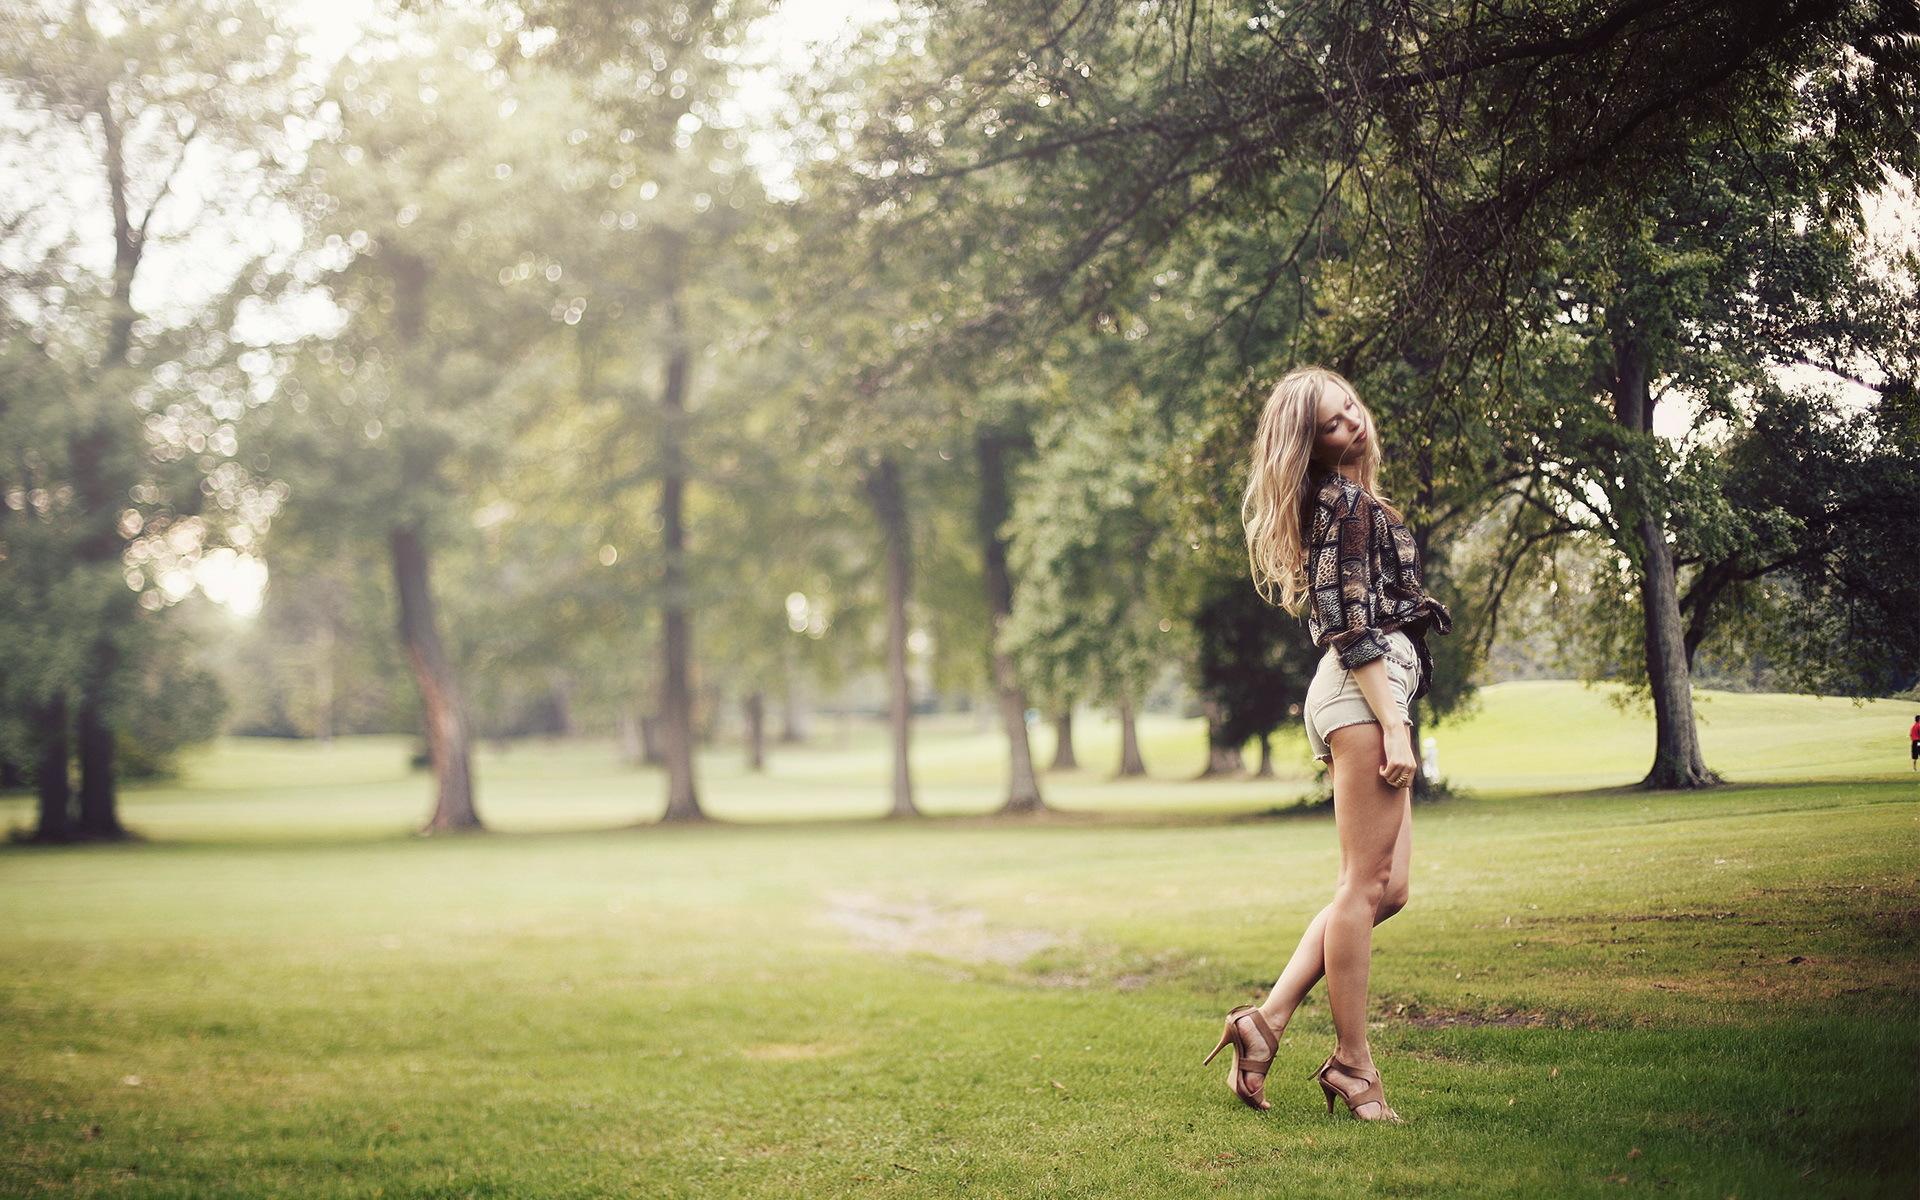 Позы для фотосессии девушки на улице летом фото